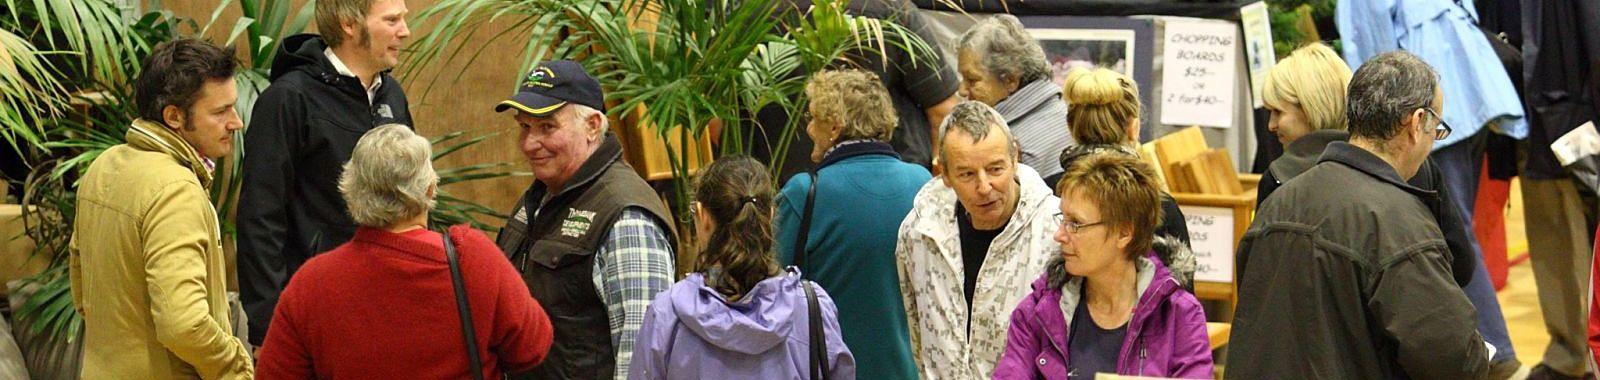 Why exhibit home and garden shows Colorado home and garden show